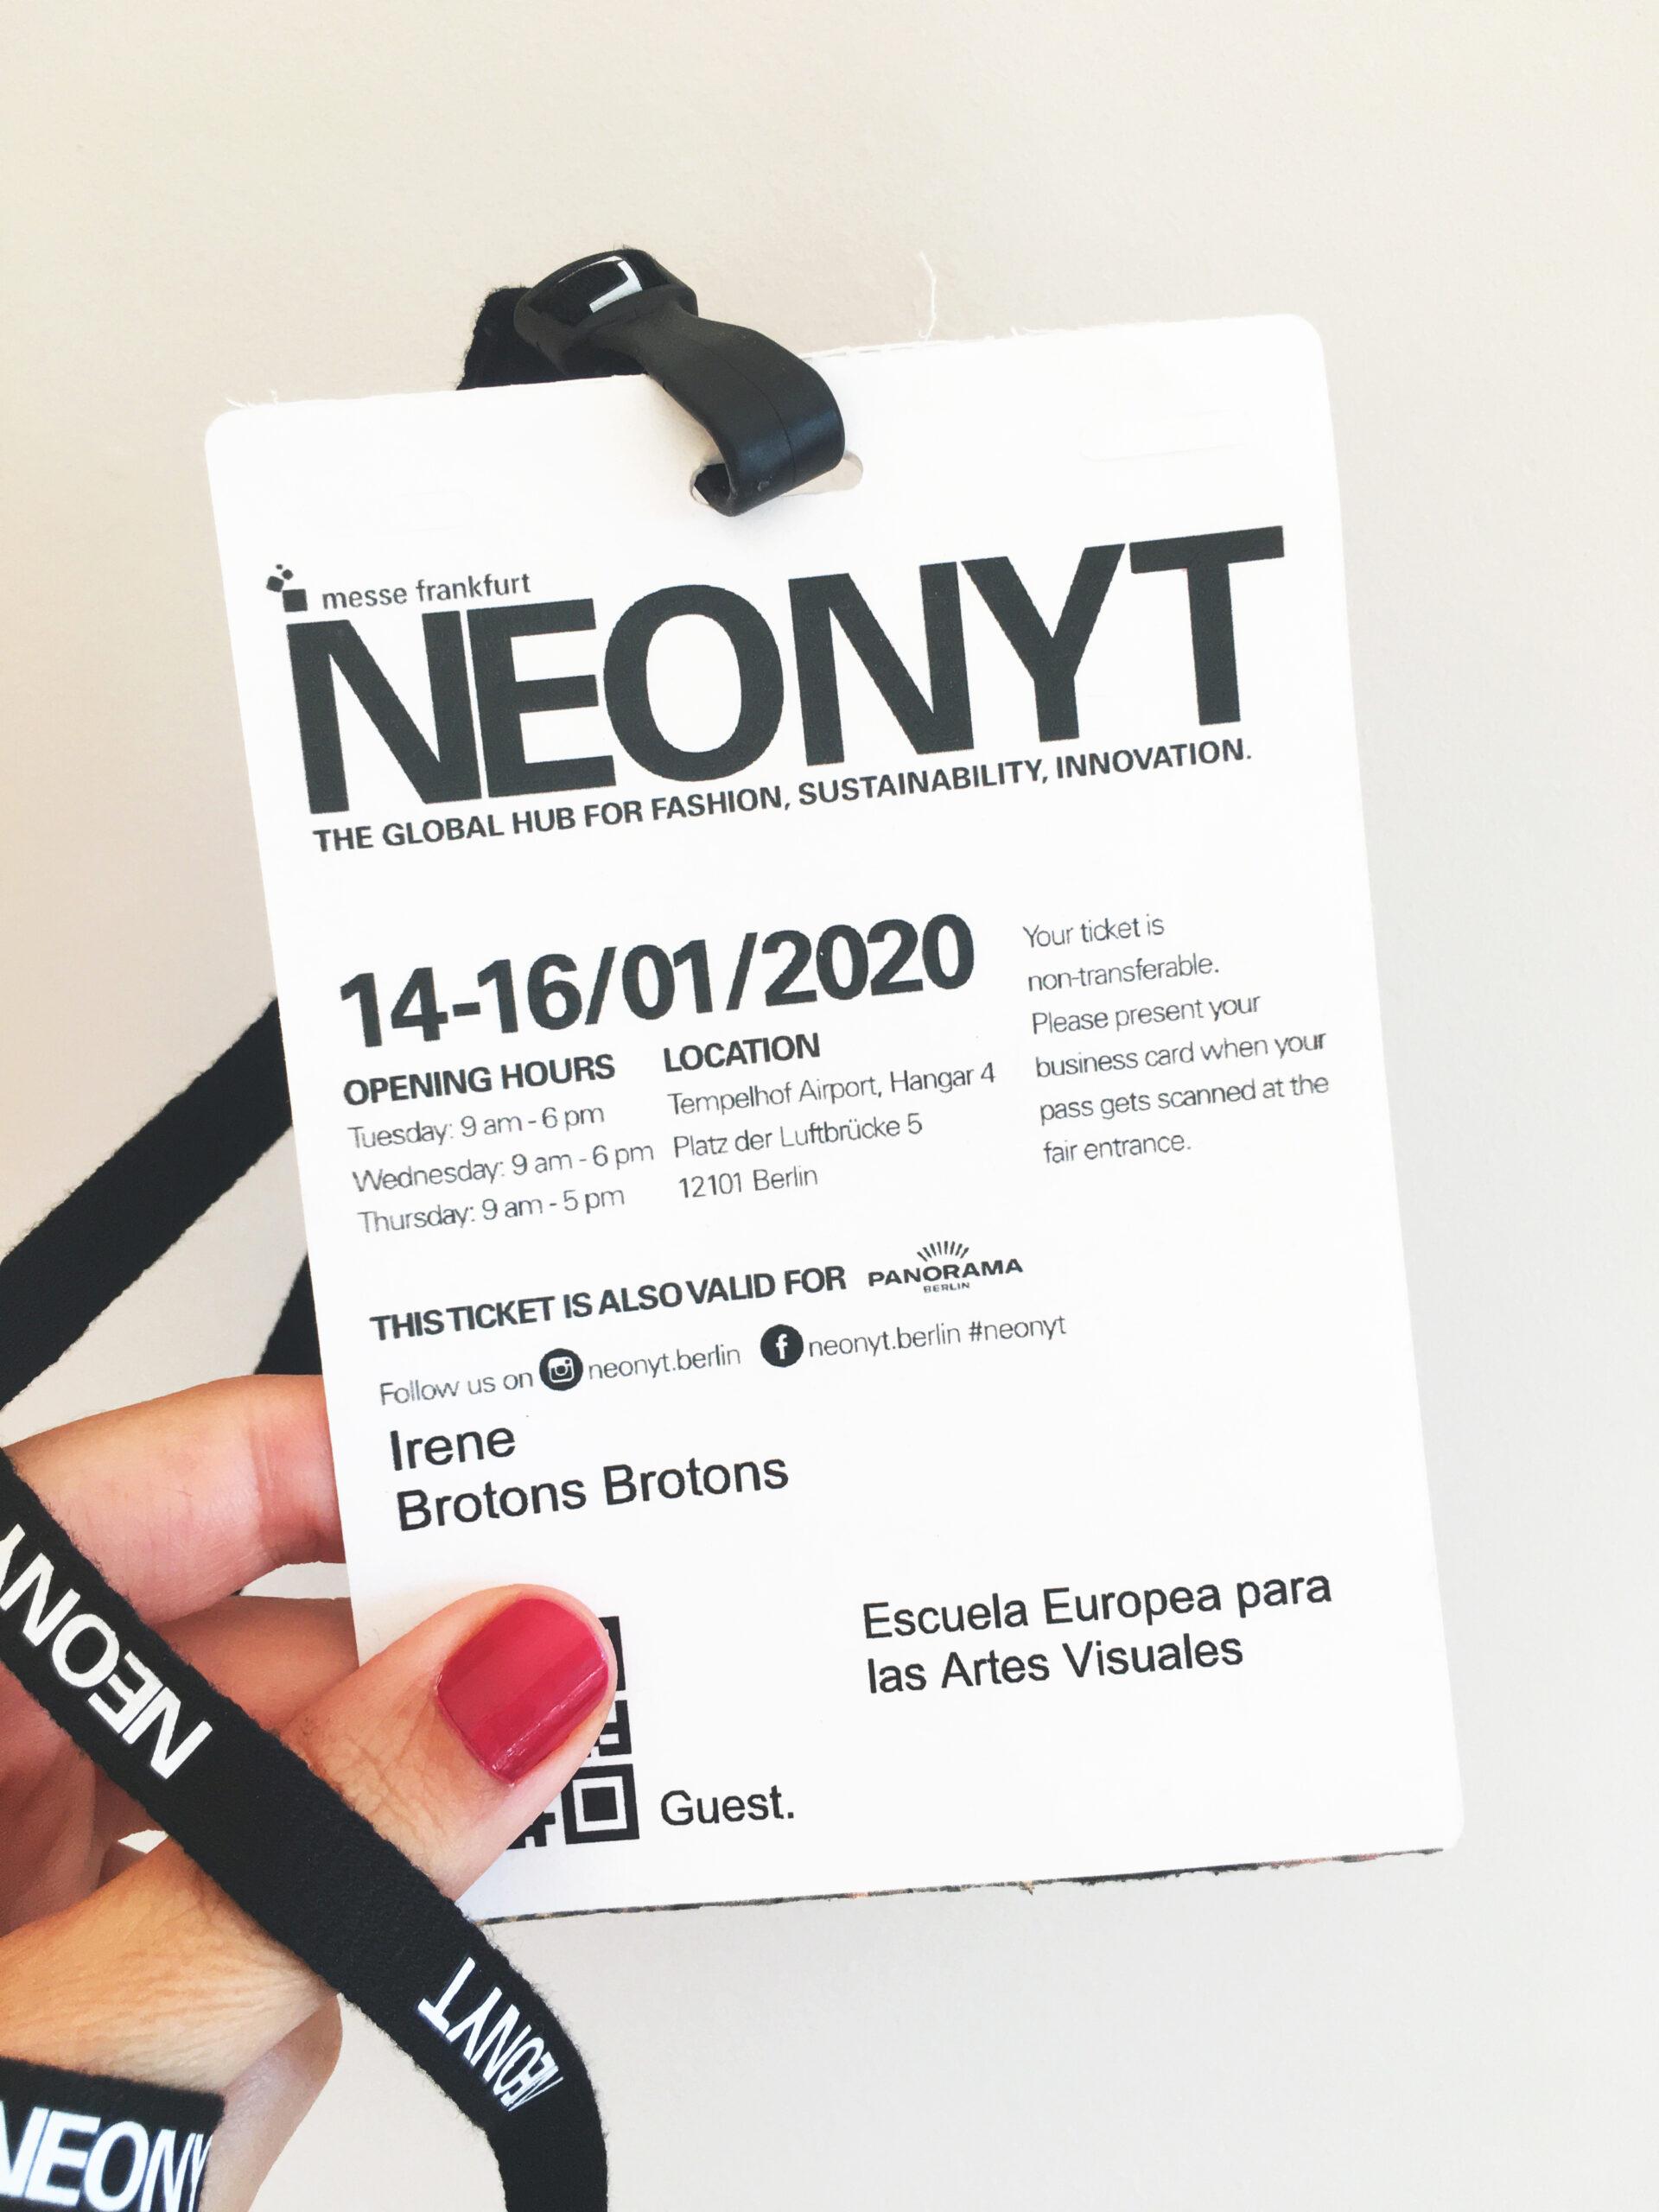 Diseño de Calzado Sostenible Feria Neonyt Irene Brotons